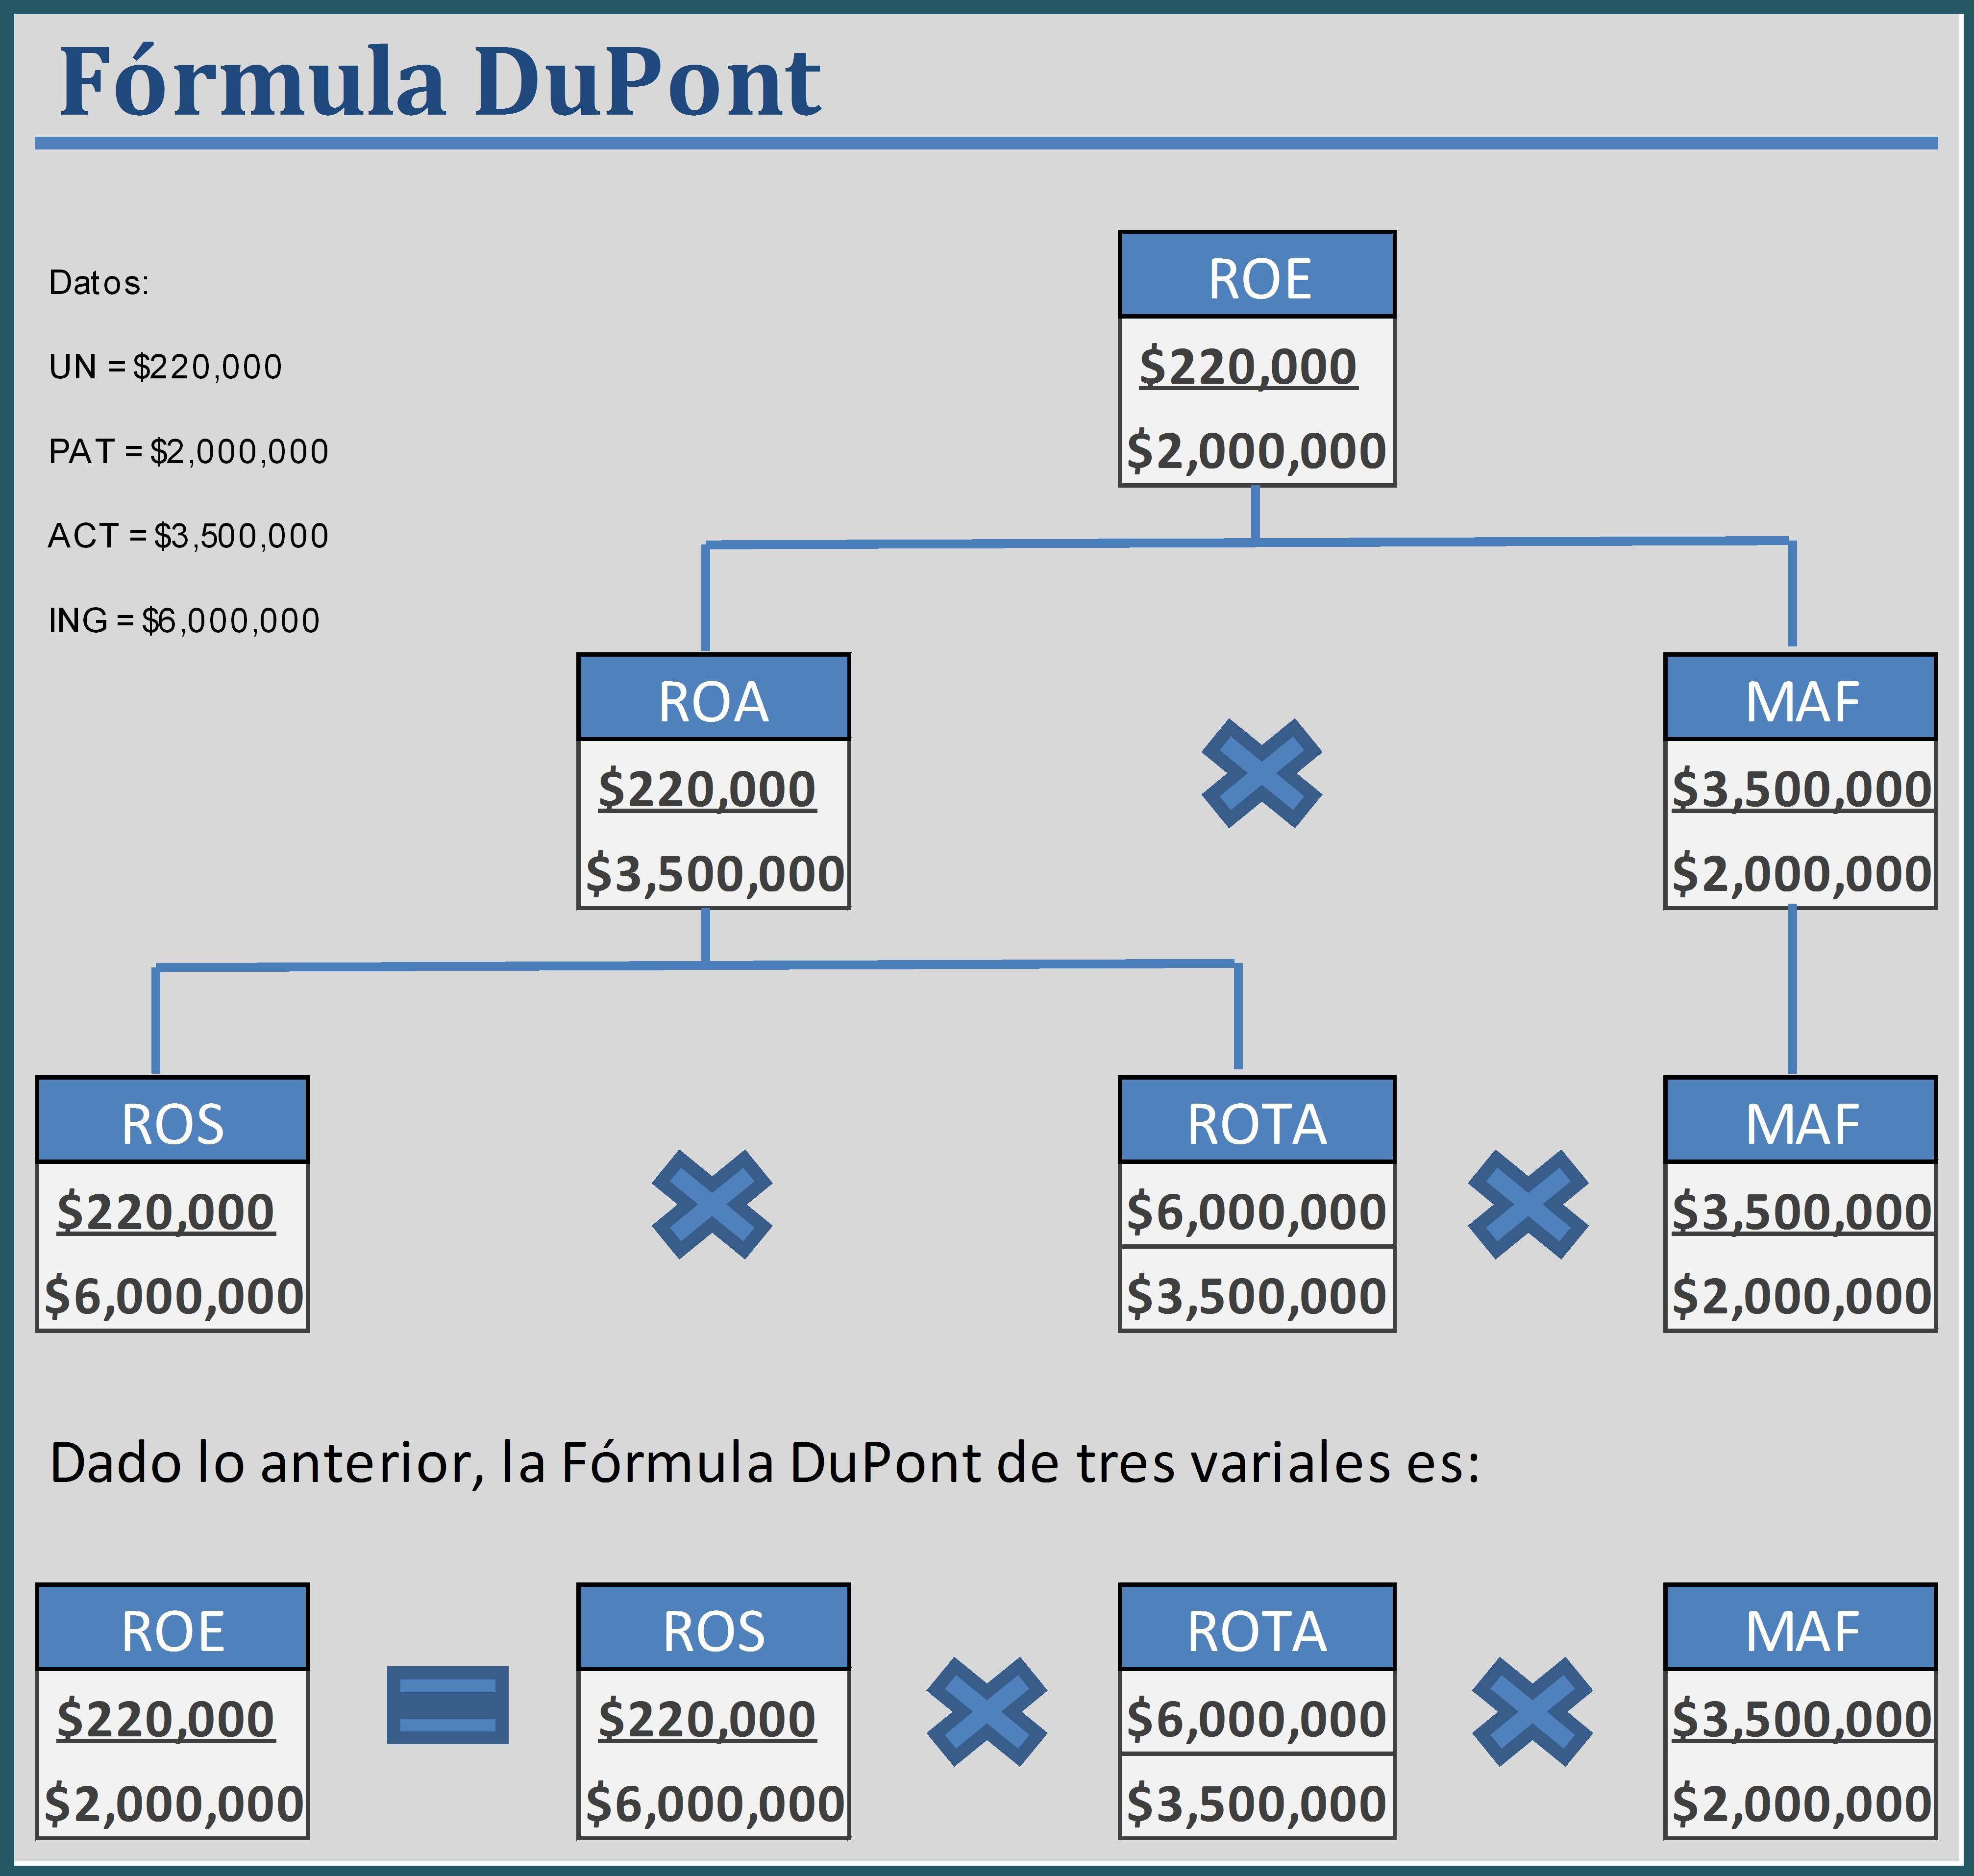 modelo dupont Como el saber no ocupa lugar, primero un poco de historia este modelo fue inventado por donaldson brown, un ingeniero eléctrico americano que se integró al departamento de tesorería de la empresa química dupont en 1914.